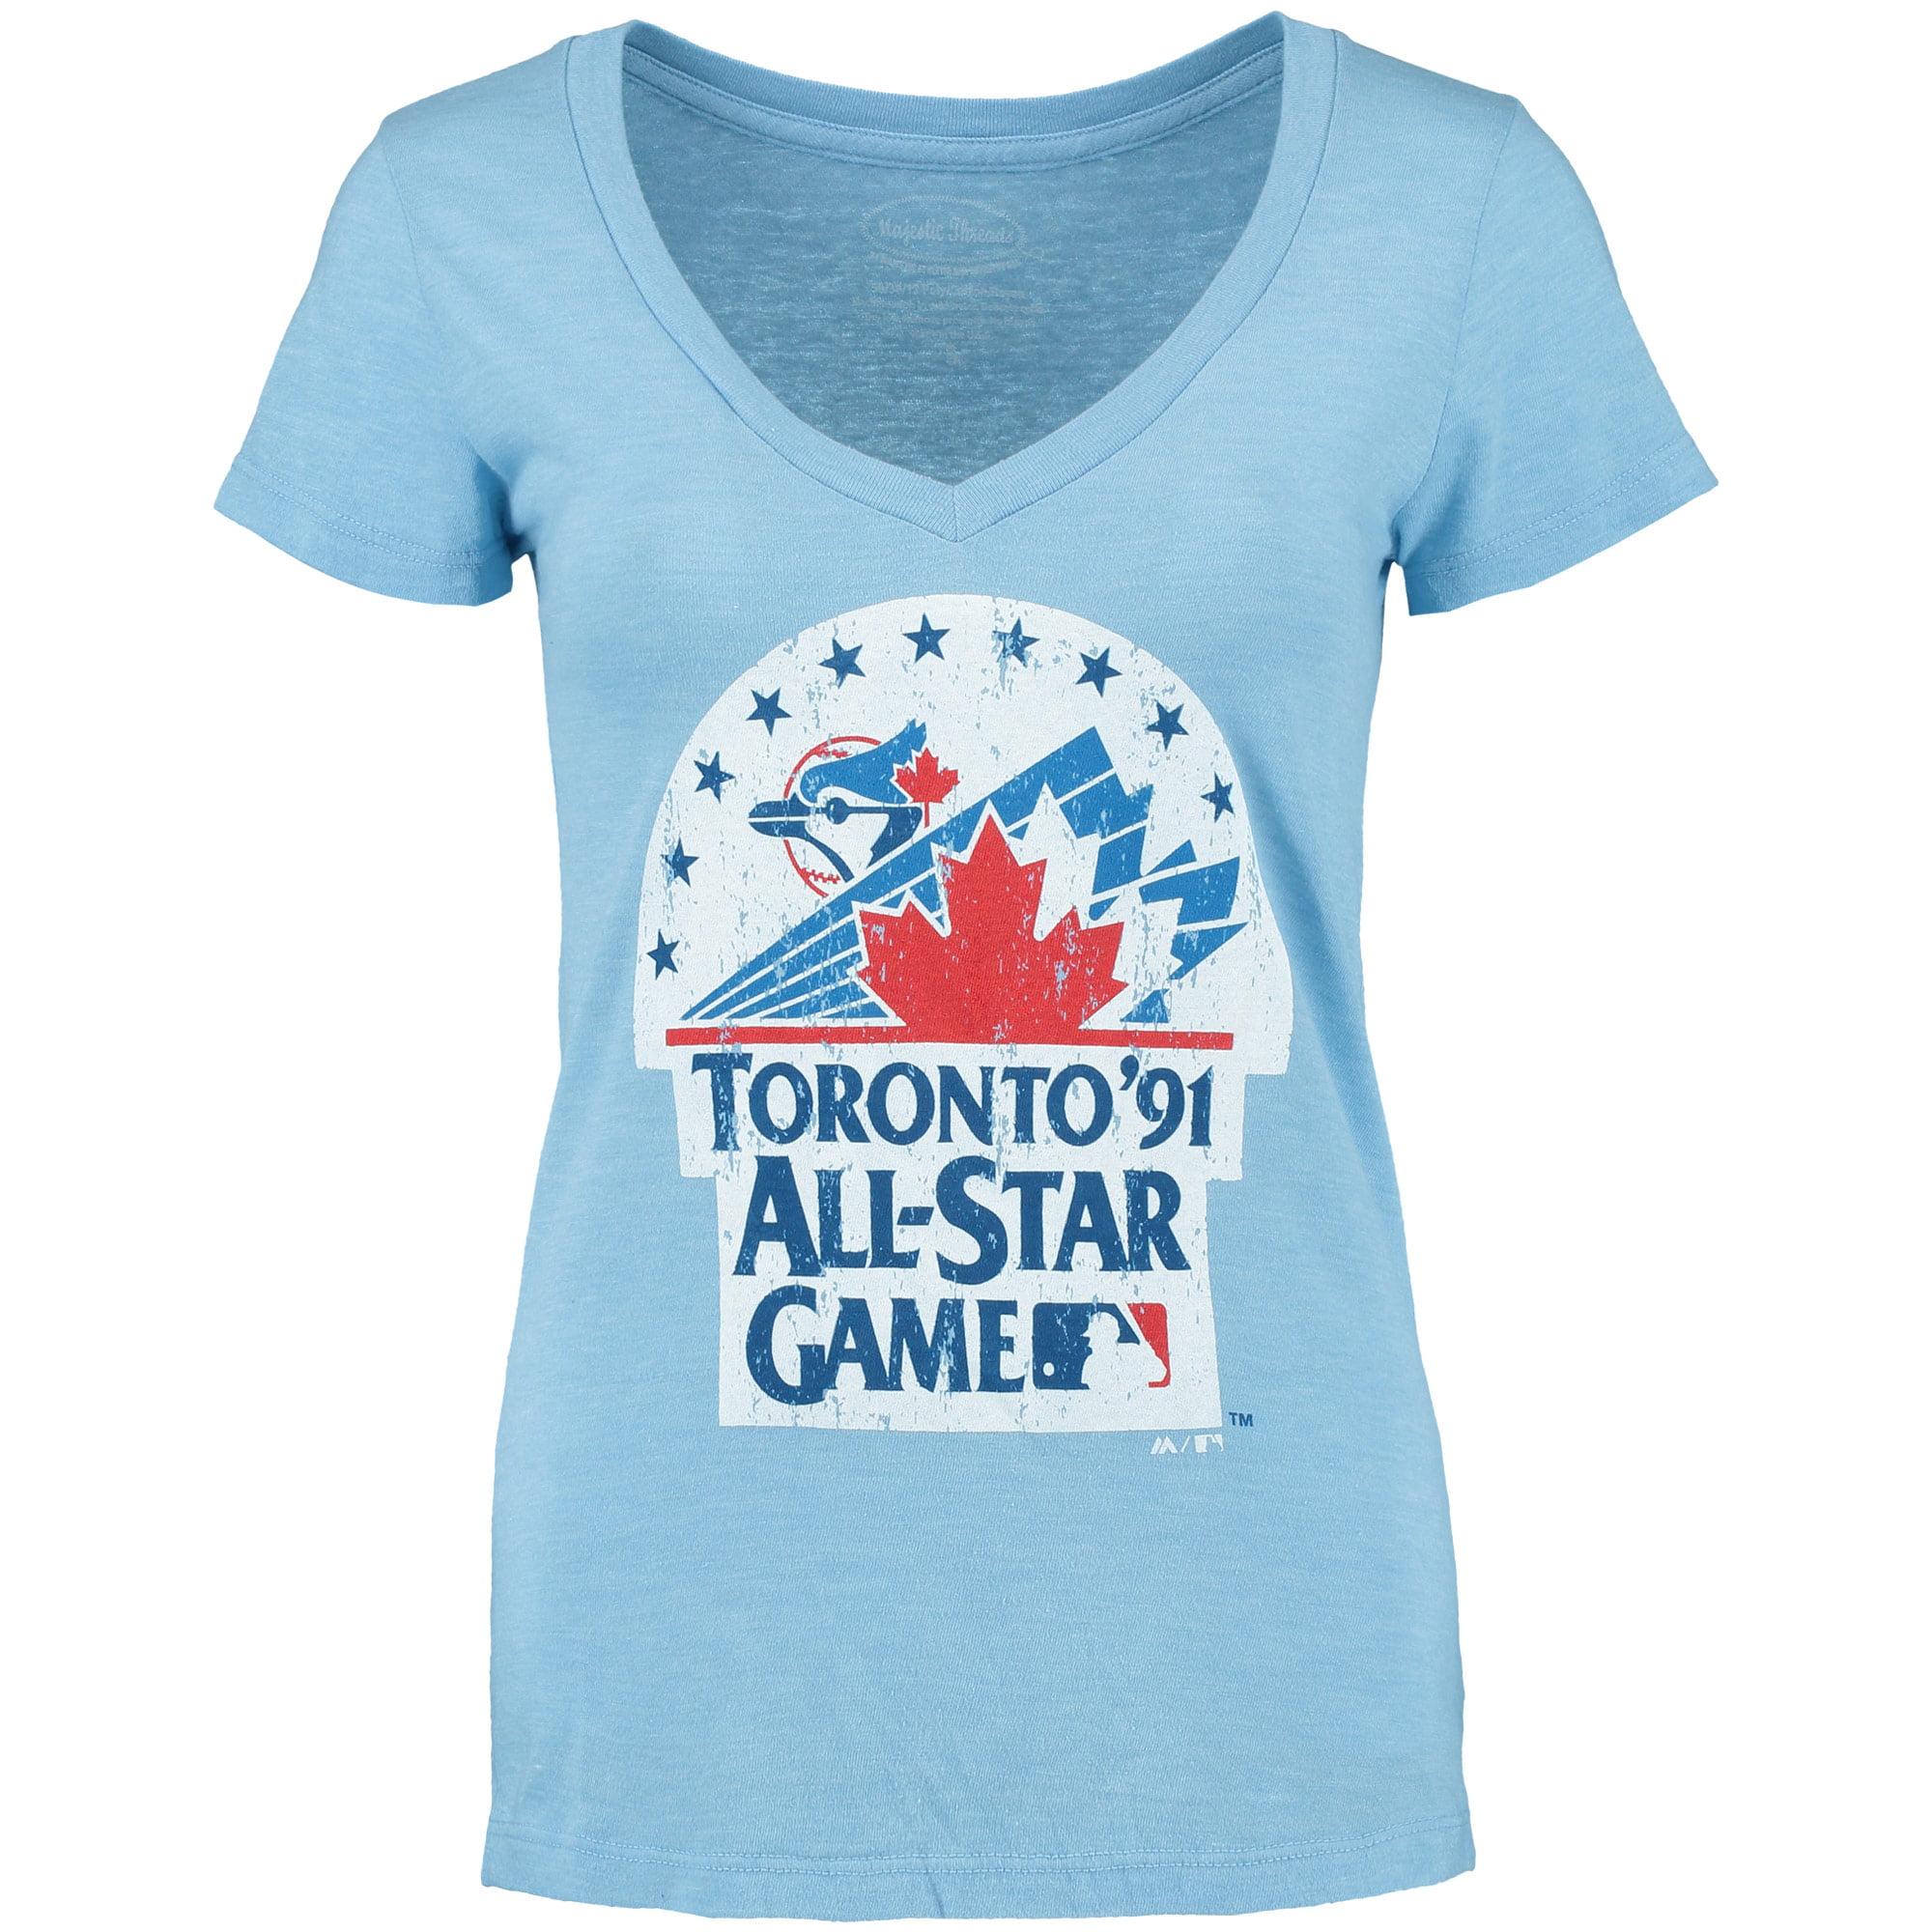 Toronto Blue Jays Women's Coop All-Star Tri-Blend T-Shirt - Light Blue